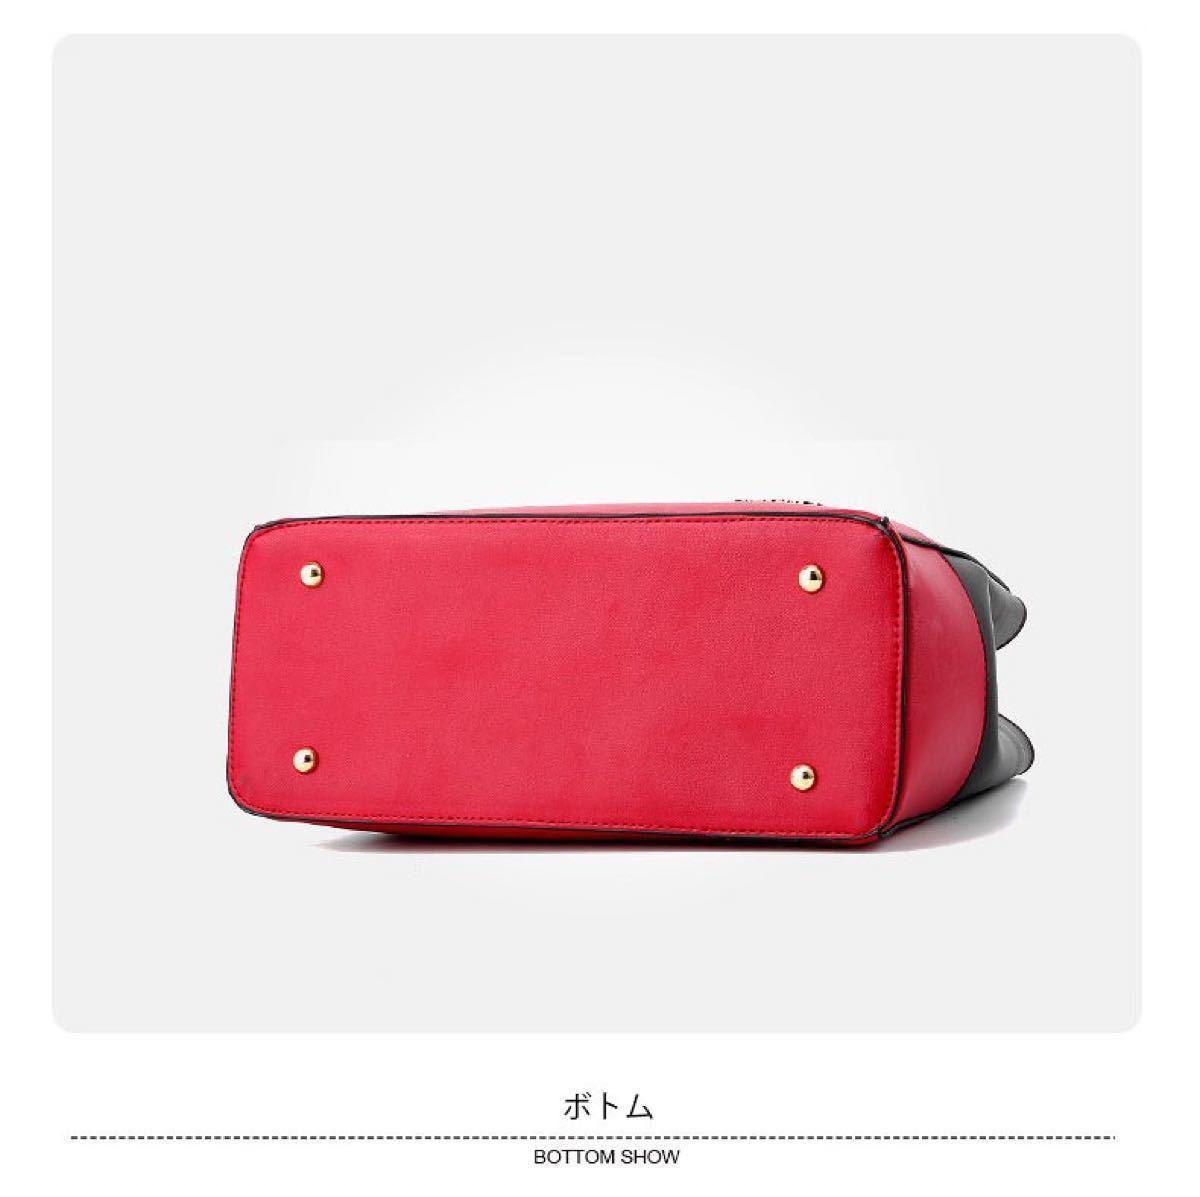 ショルダーバッグ 斜めがけ プレゼント 通勤バッグ 2wayハンドバッグ